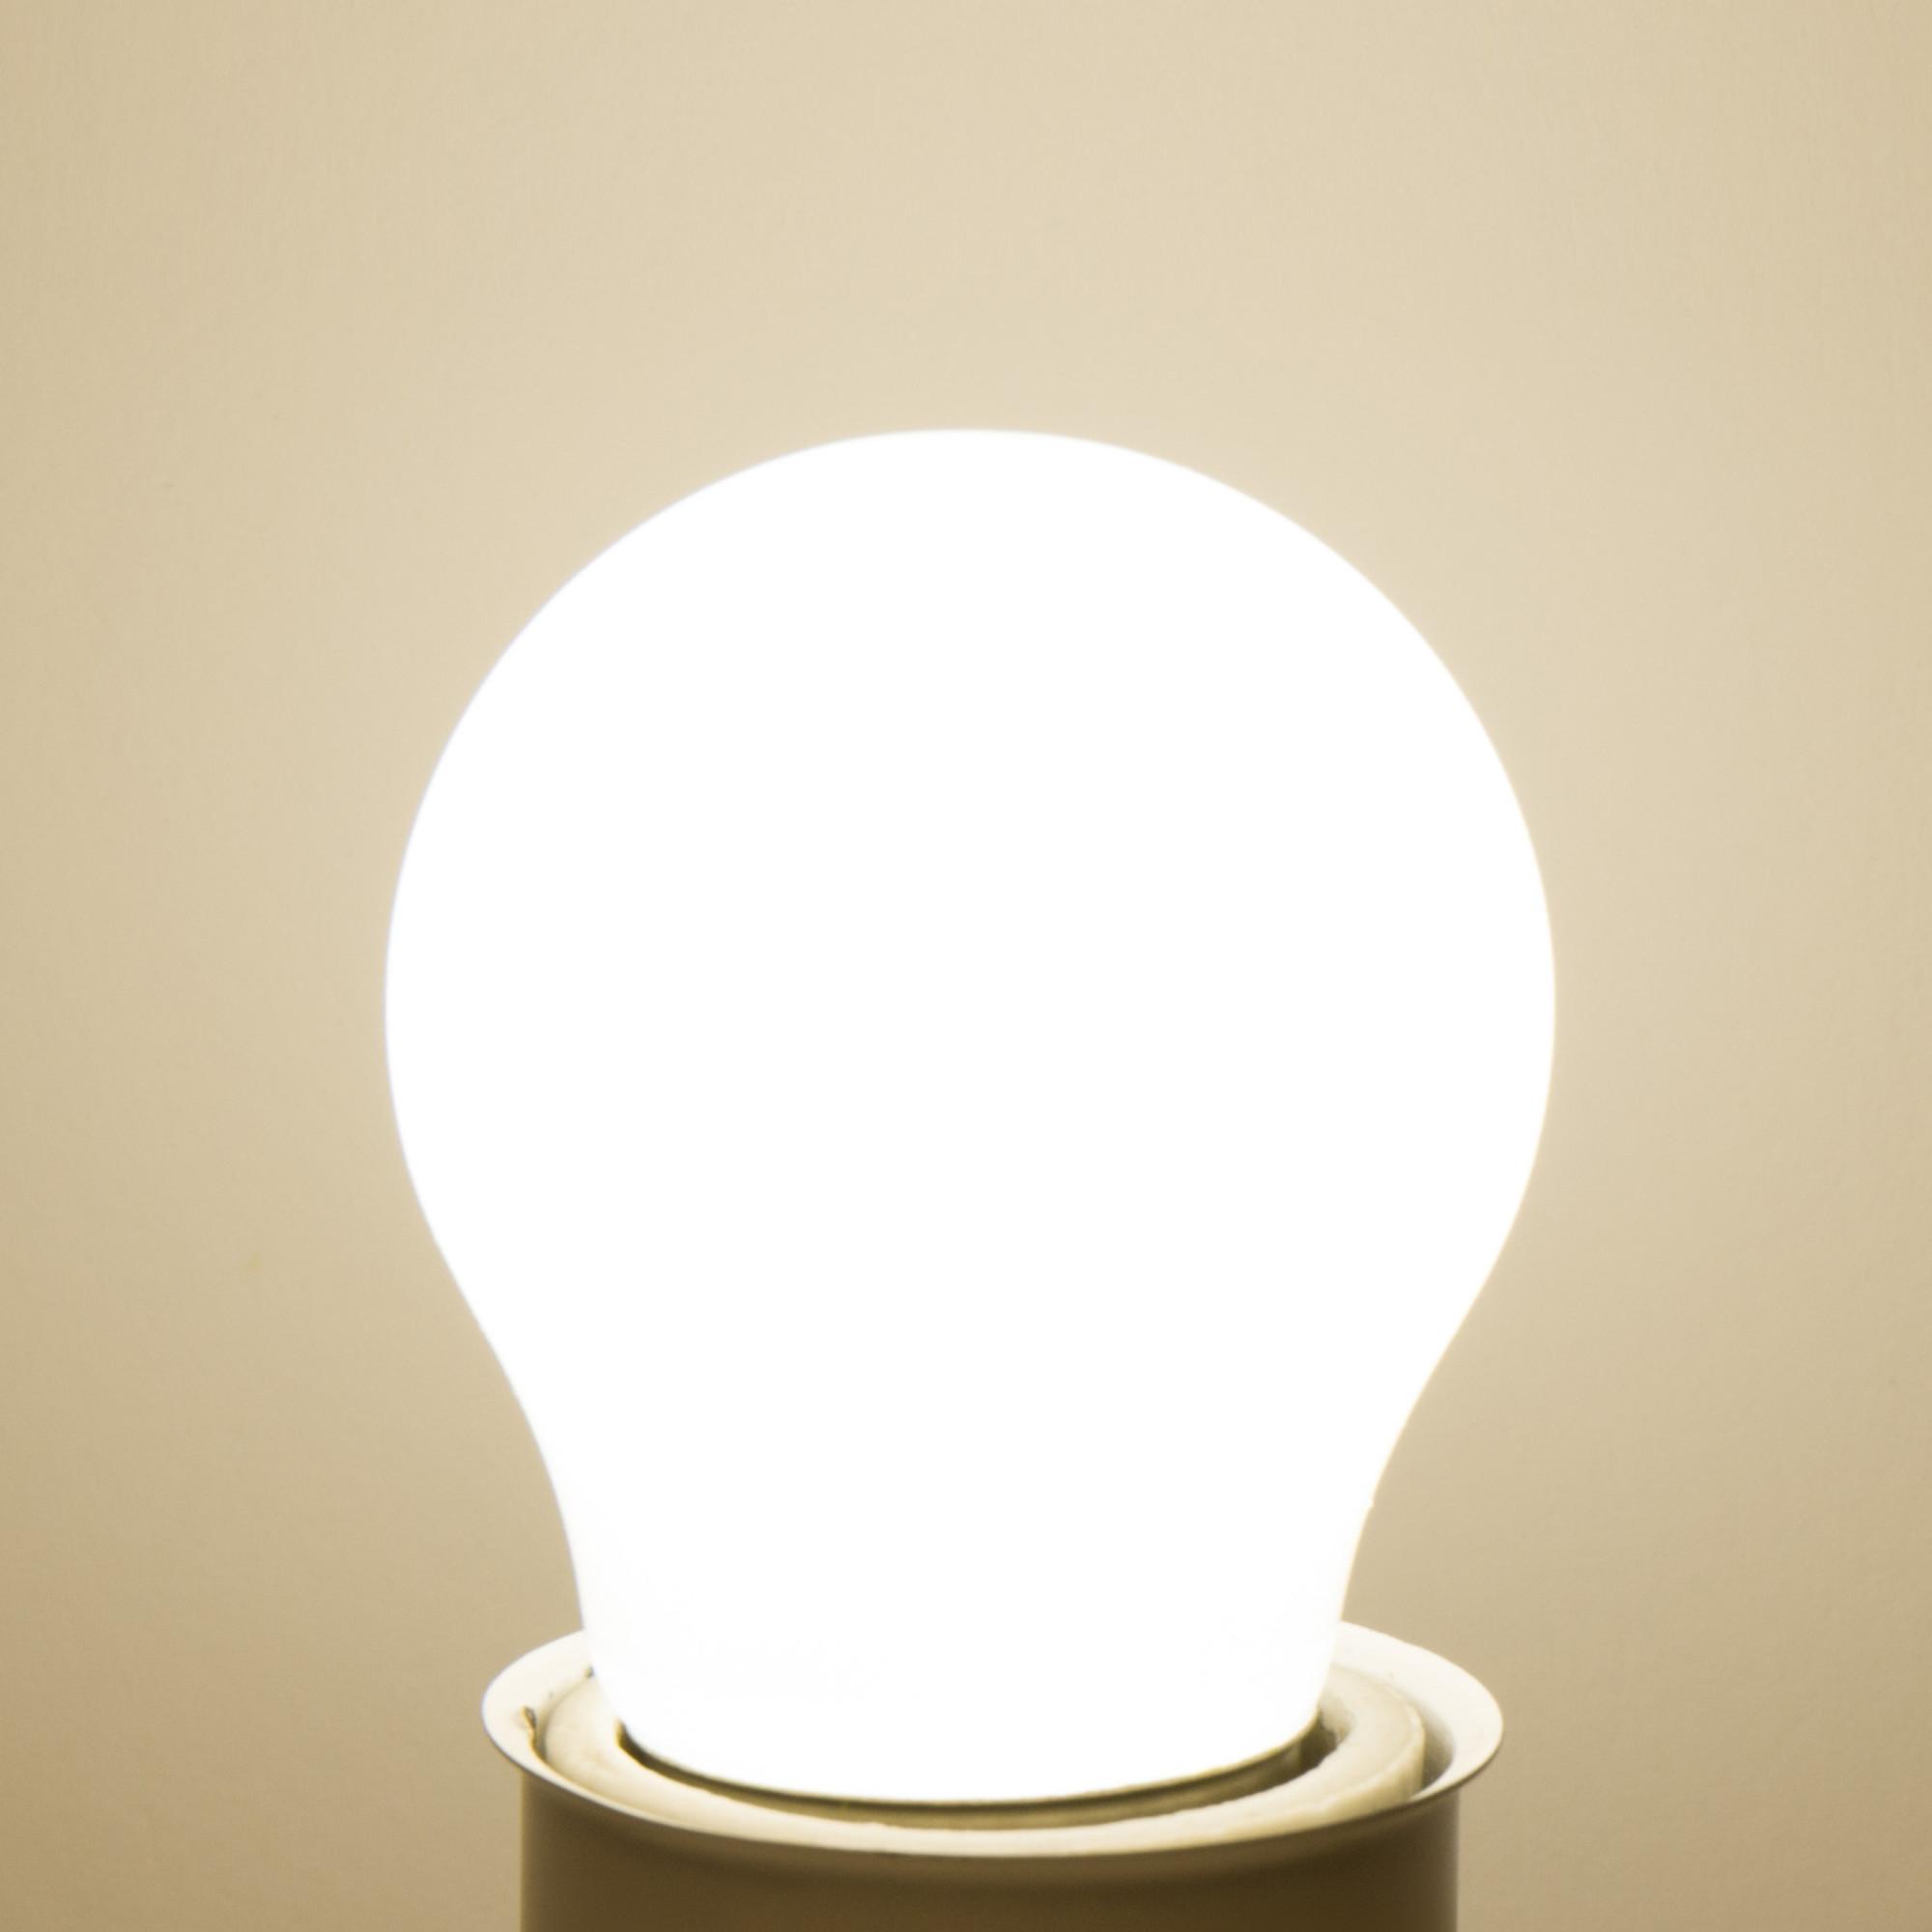 Лампа светодиодная Lexman E27 45 Вт 470 Лм 4000 K свет нейтральный матовая колба